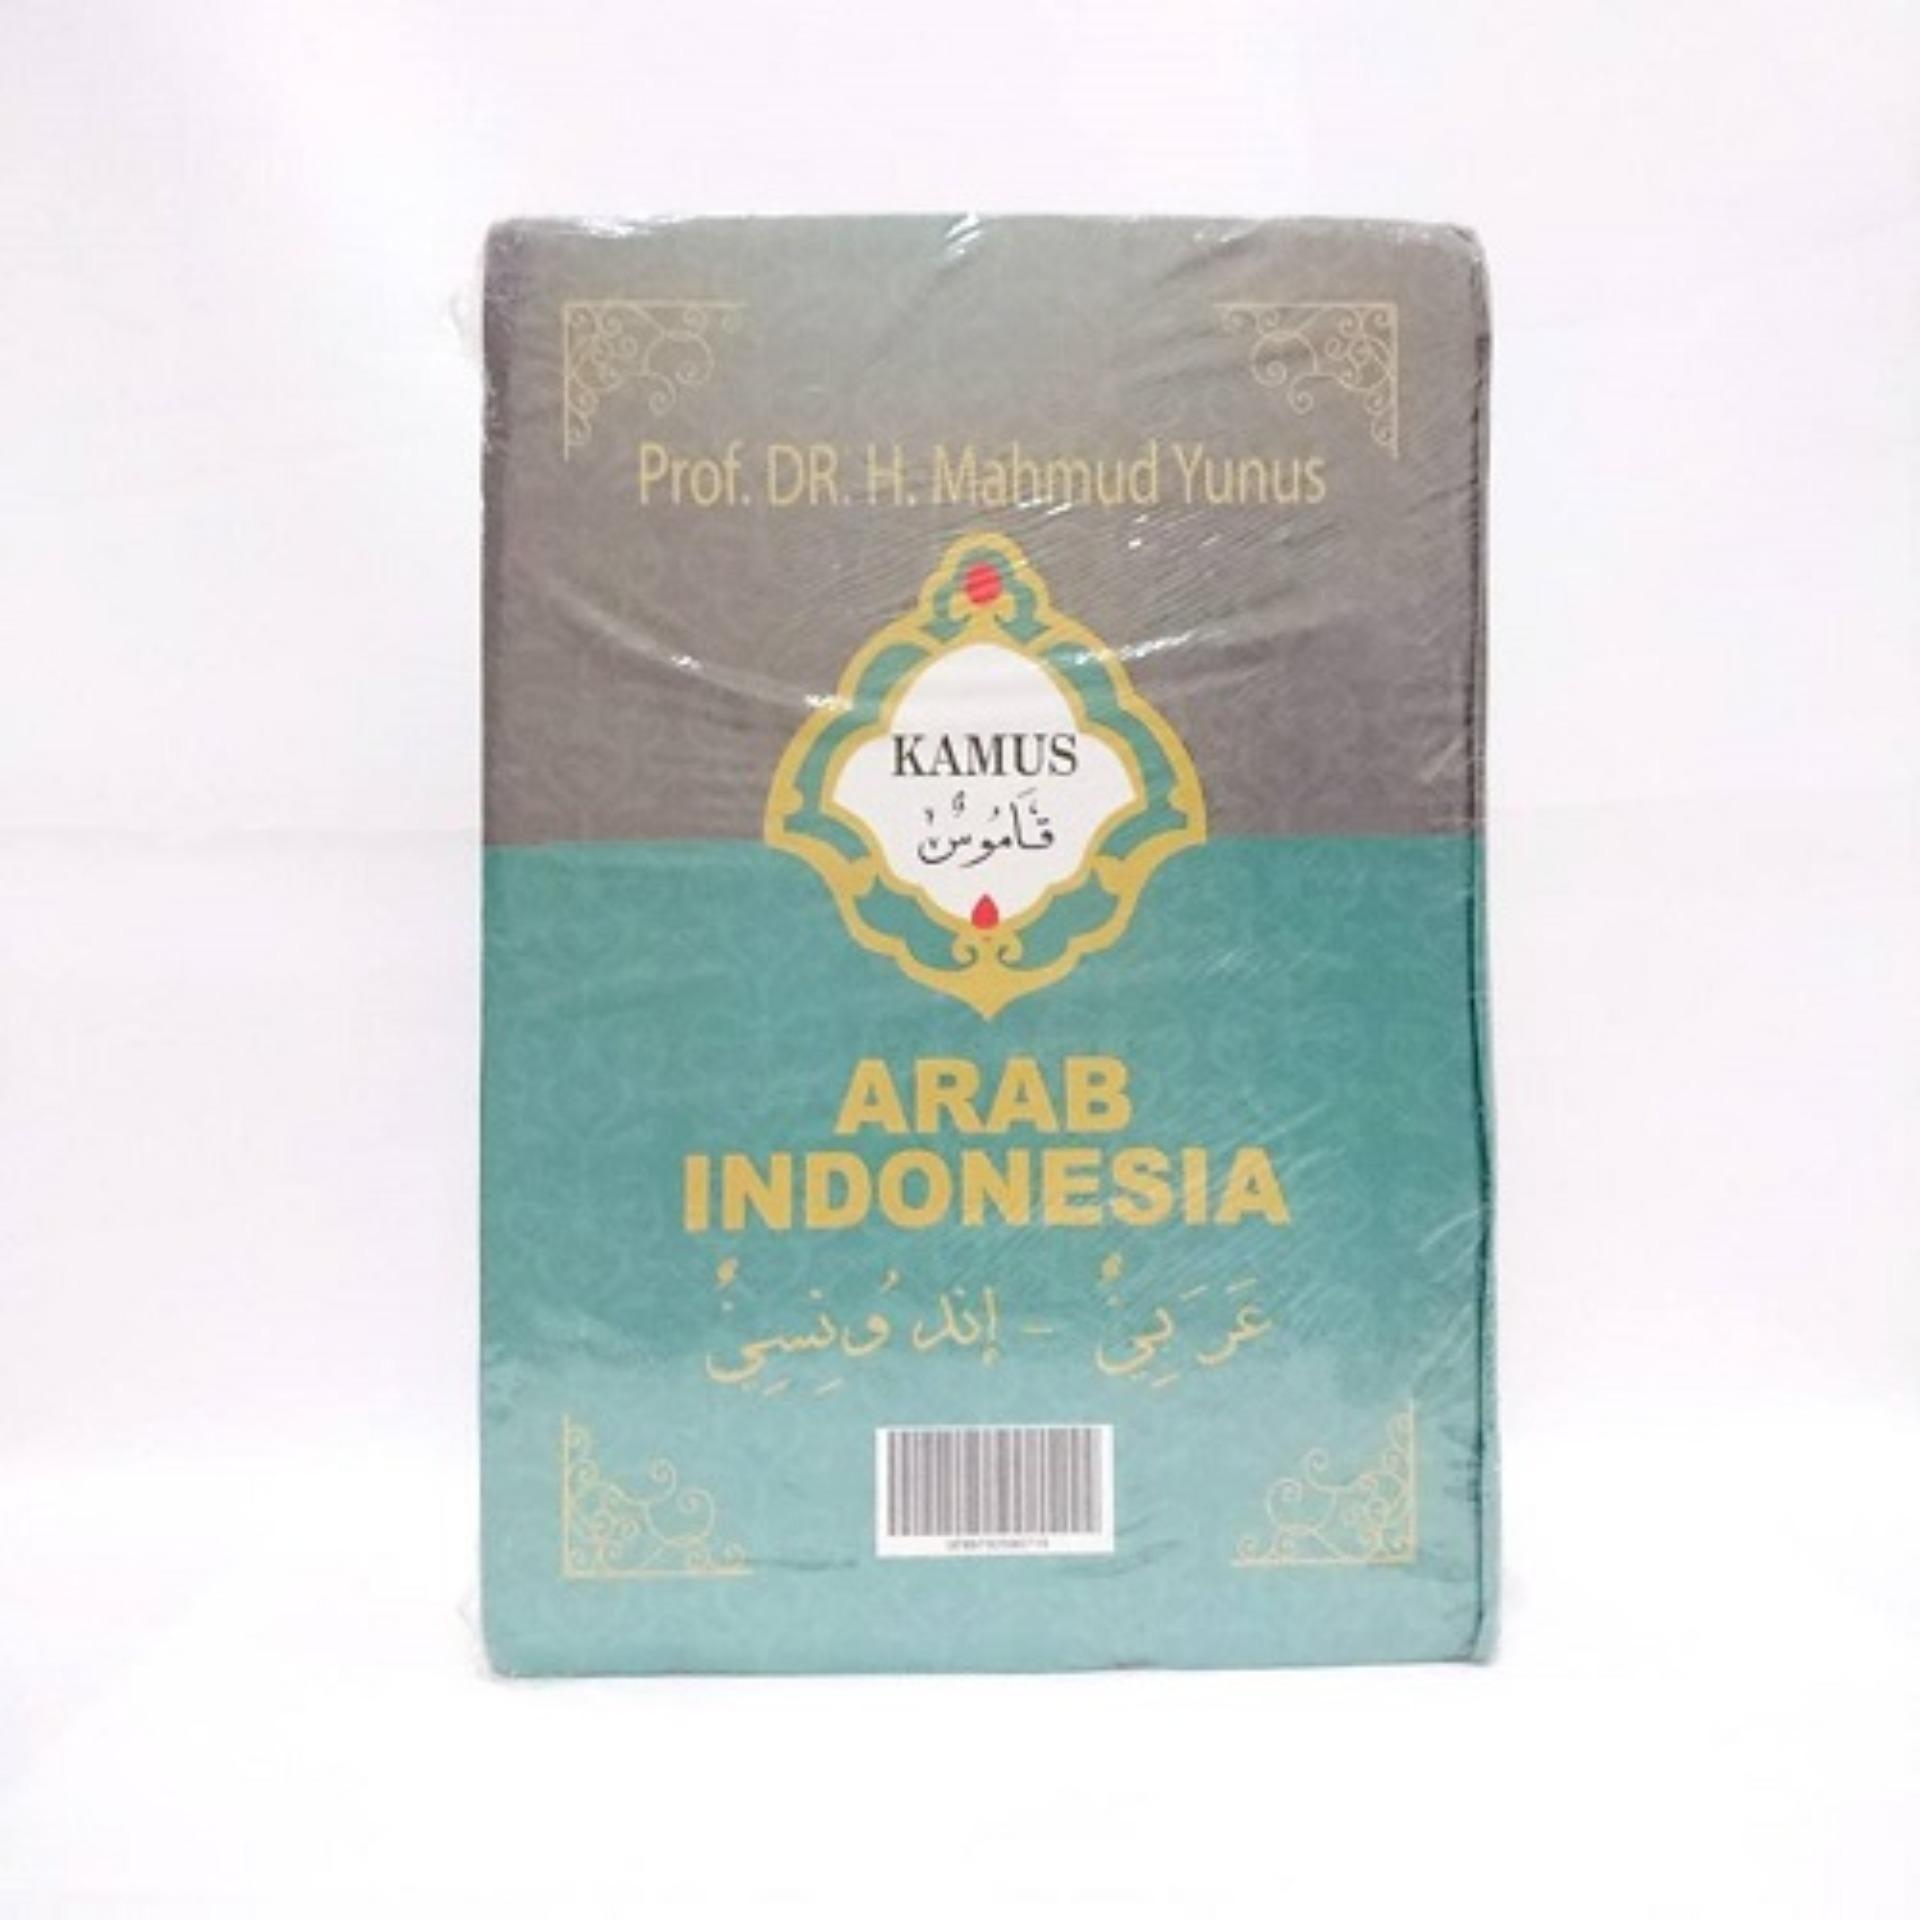 Kamus Arab Indonesia Mahmud Yunus Buku Referensi Bahasa